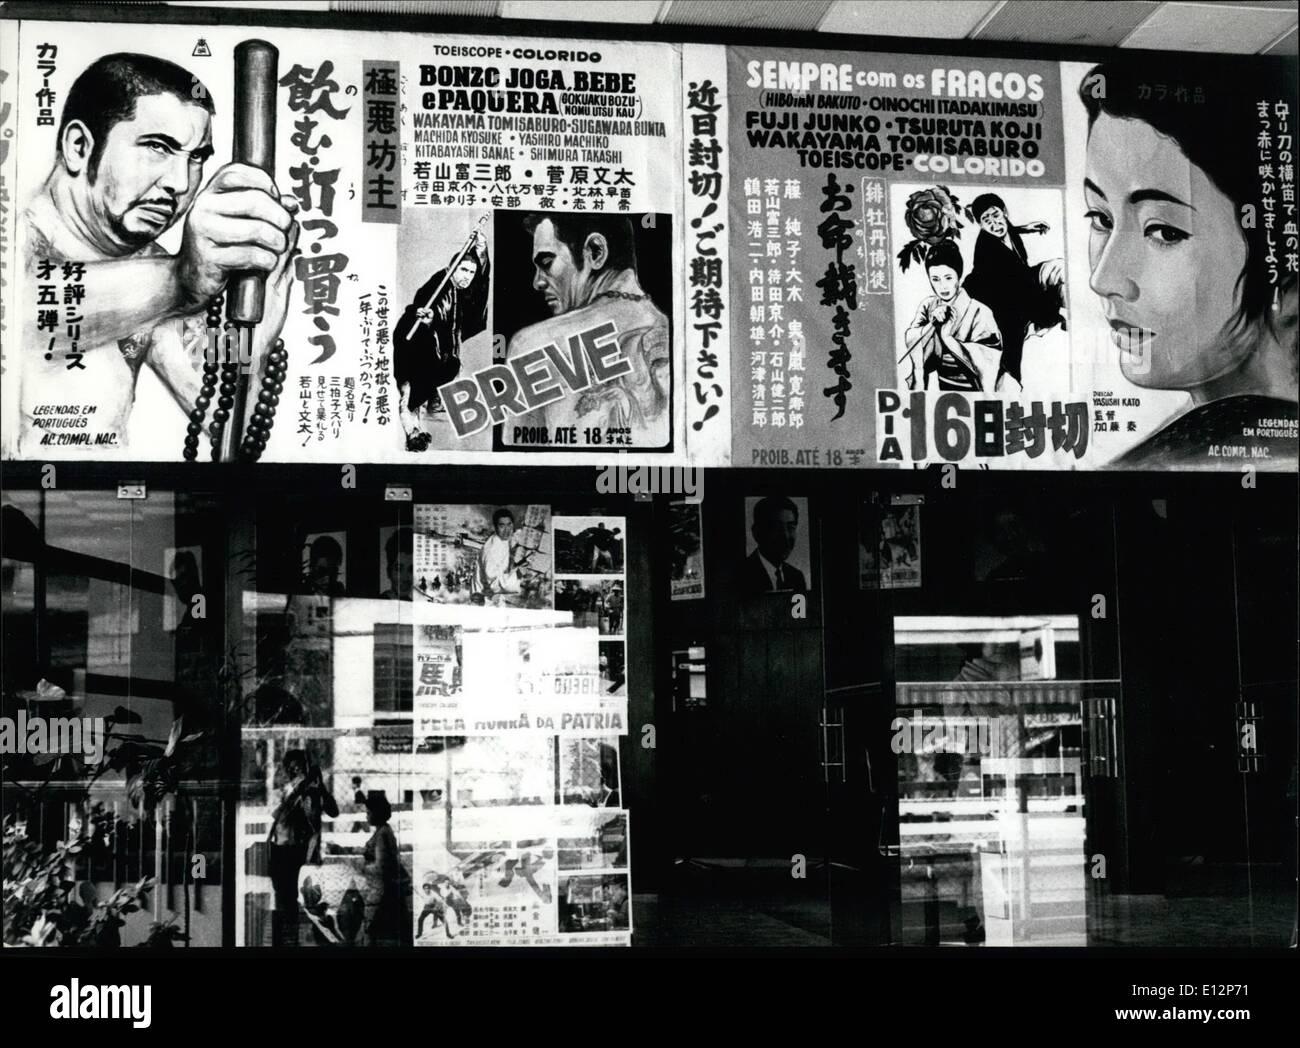 24. Februar 2012 - japanische Filme. Sao Paulo - Brasilien Stockbild